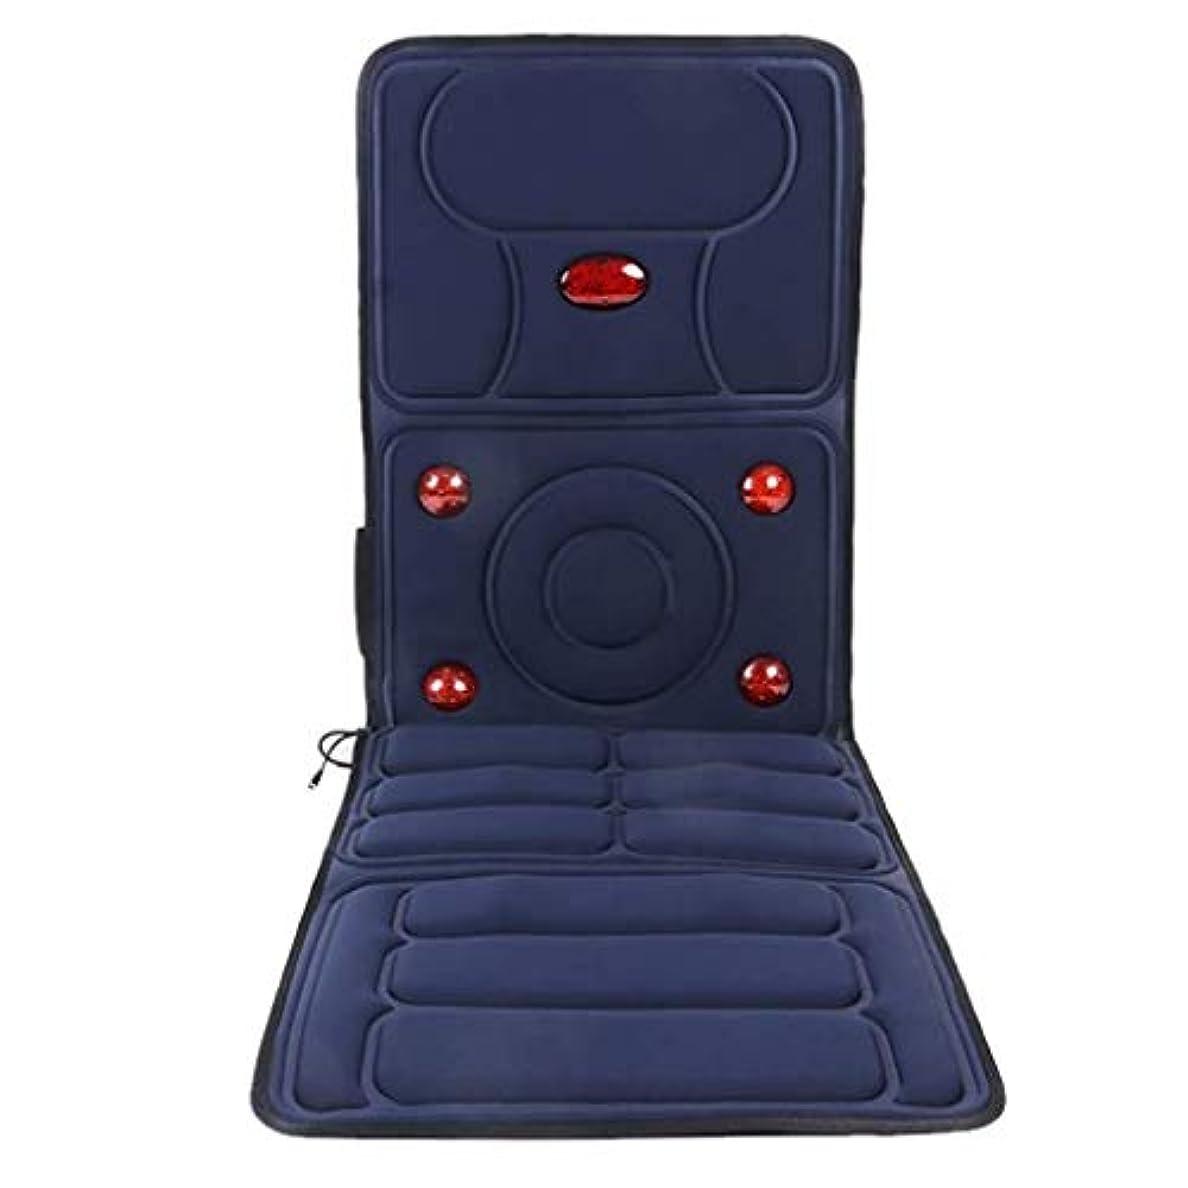 モルヒネお嬢糸マッサージクッション、電動マッサージクッション、遠赤外線/加熱セラピー、バックの首の圧力を軽減、ベッド、ホーム/オフィス/車の使用